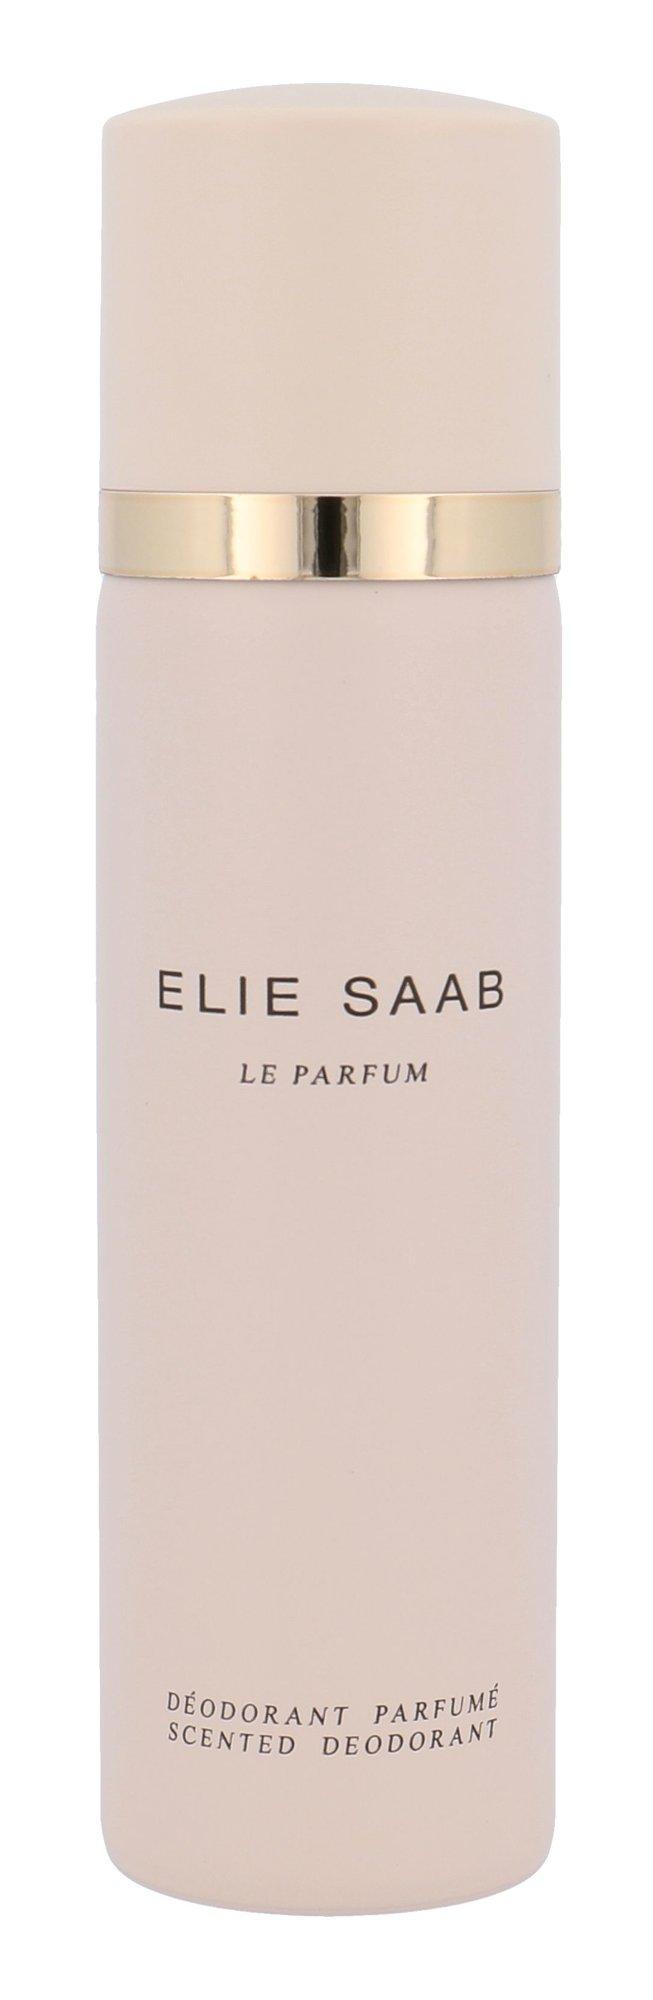 Elie Saab Le Parfum Deodorant 100ml